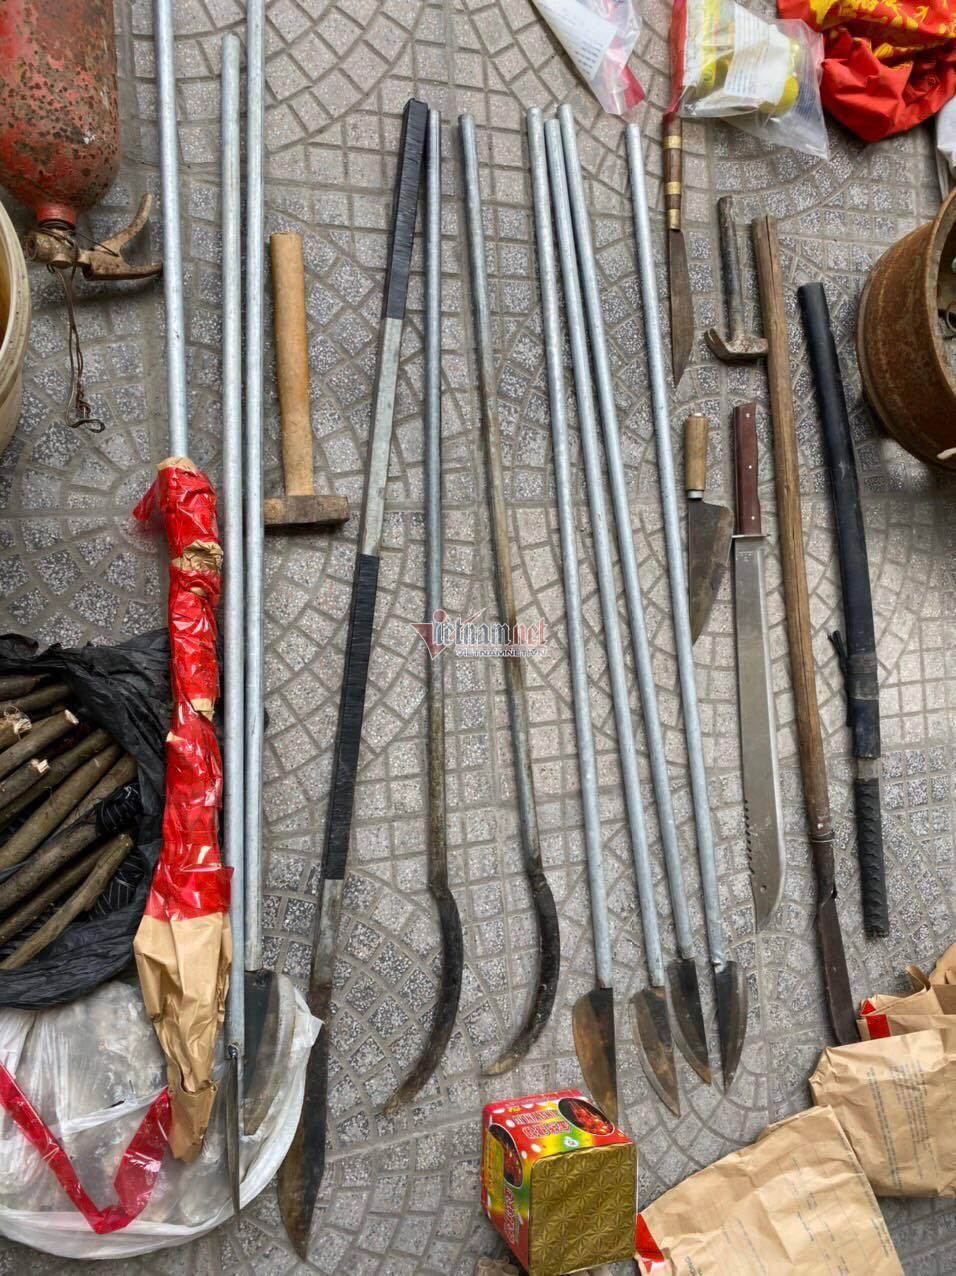 Thu giữ lựu đạn, bom xăng, bắt các đối tượng gây rối ở xã Đồng Tâm